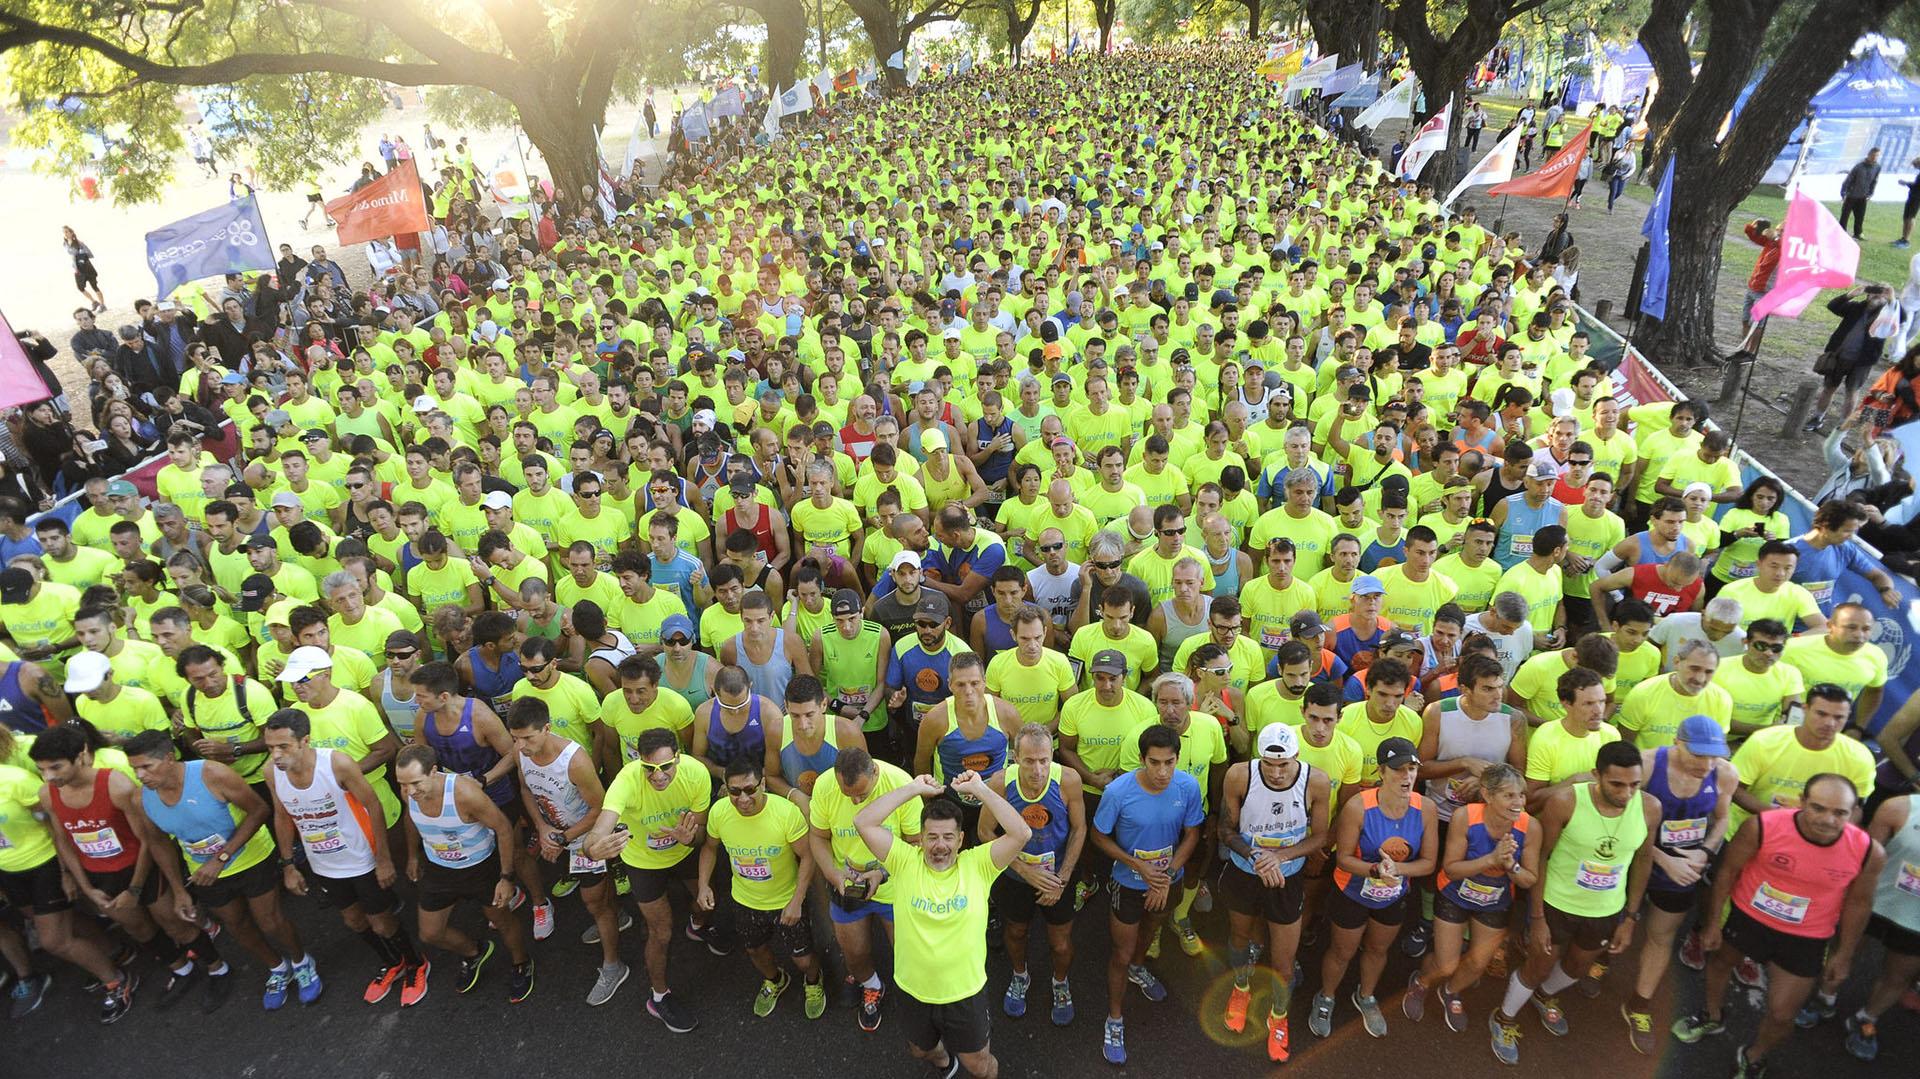 Entre los más de 7 mil corredores se recaudaron 4 millones de pesos (Prensa Unicef)